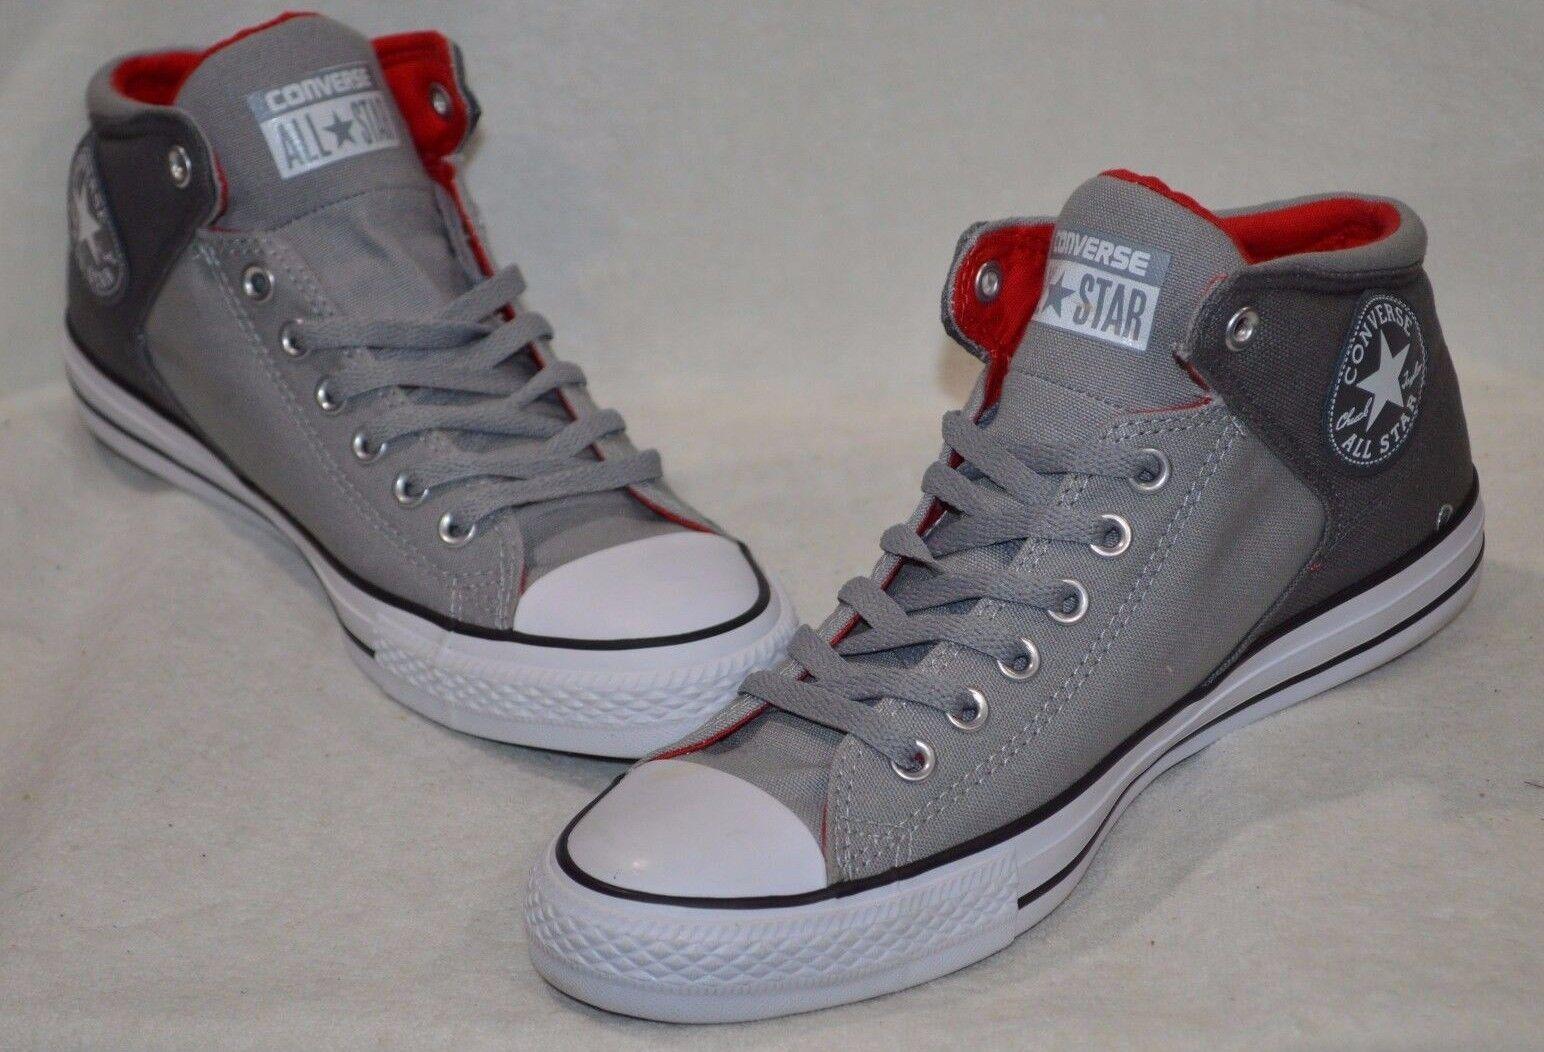 Hombres Converse Delfín/Thunder/Rojo Ct como High Street Delfín/Thunder/Rojo Converse Zapatos Nuevas Con Caja f9c236